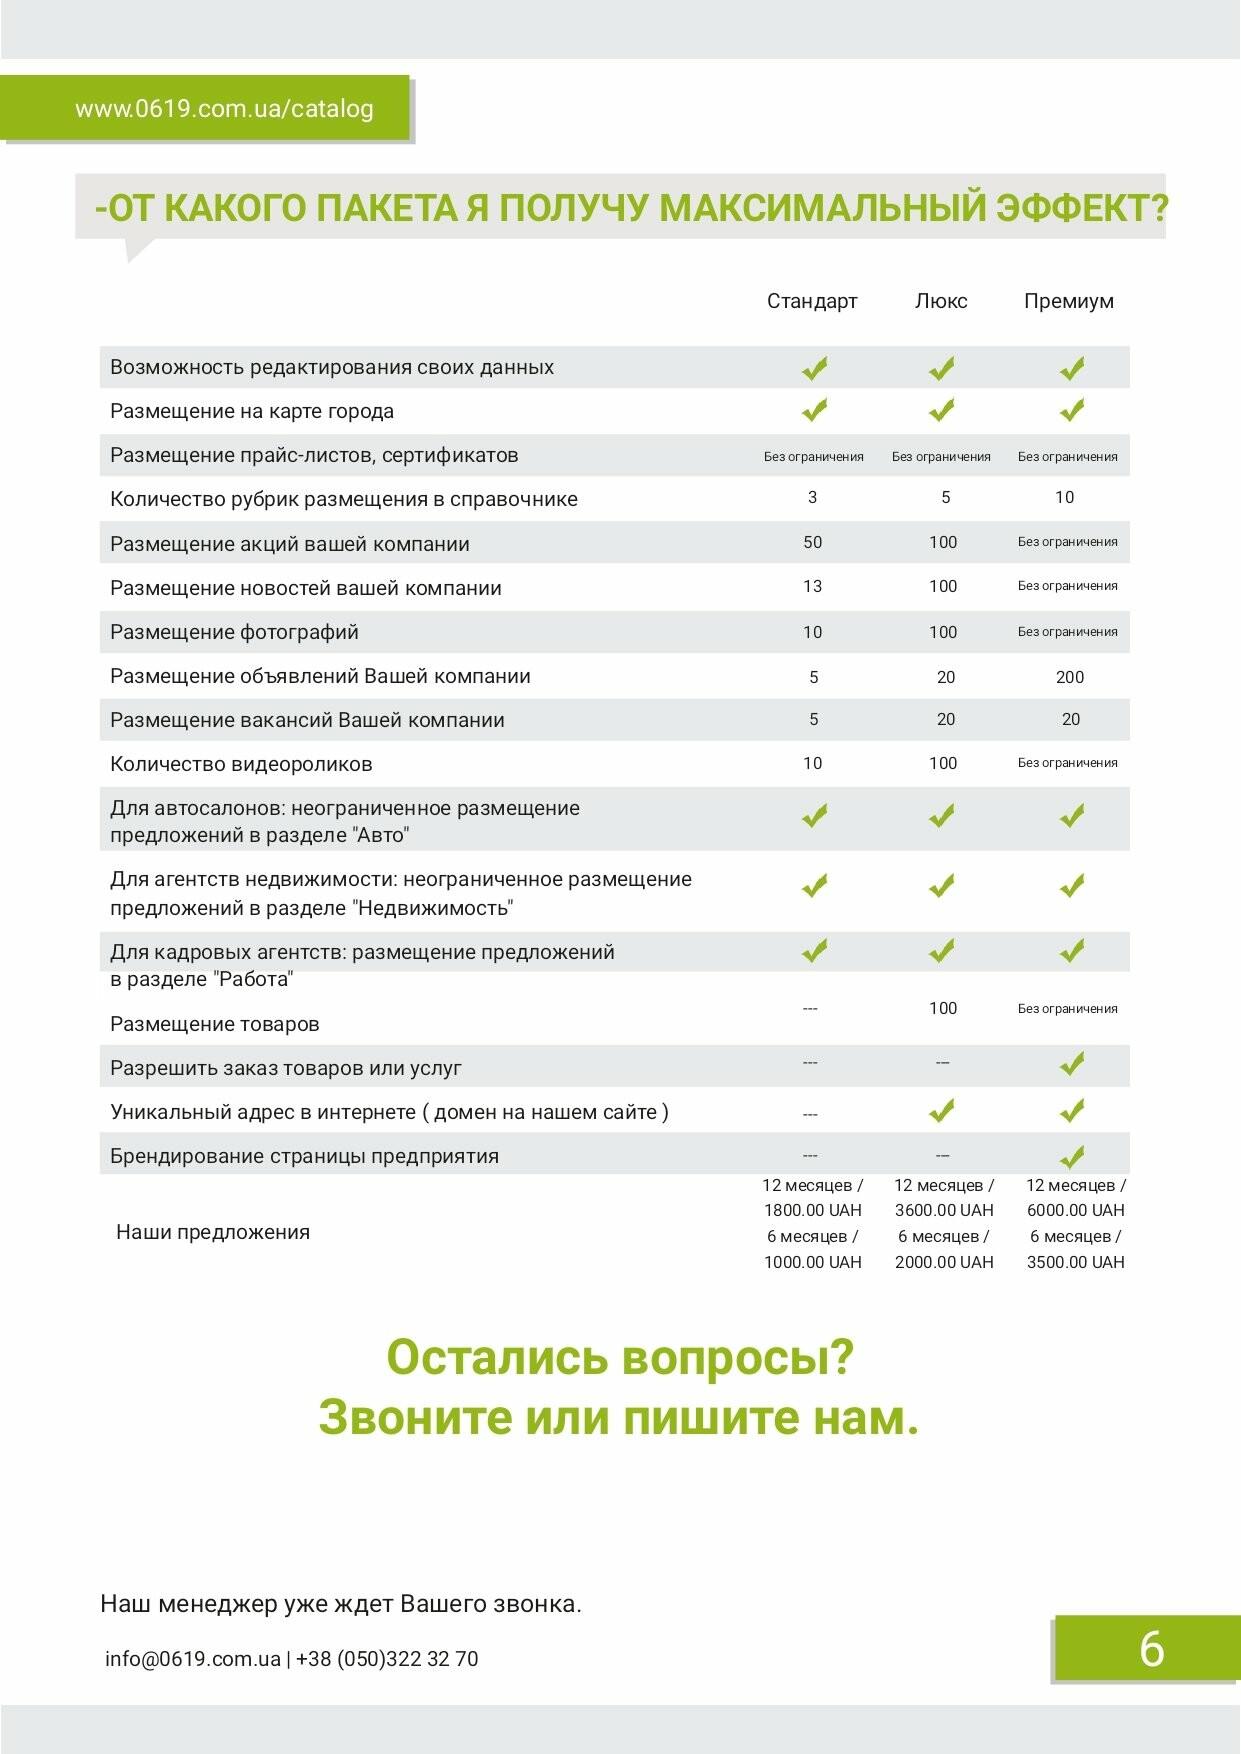 Выгодно и результативно: преимущества размещения товаров и услуг на сайте сети Сity Sites, фото-6